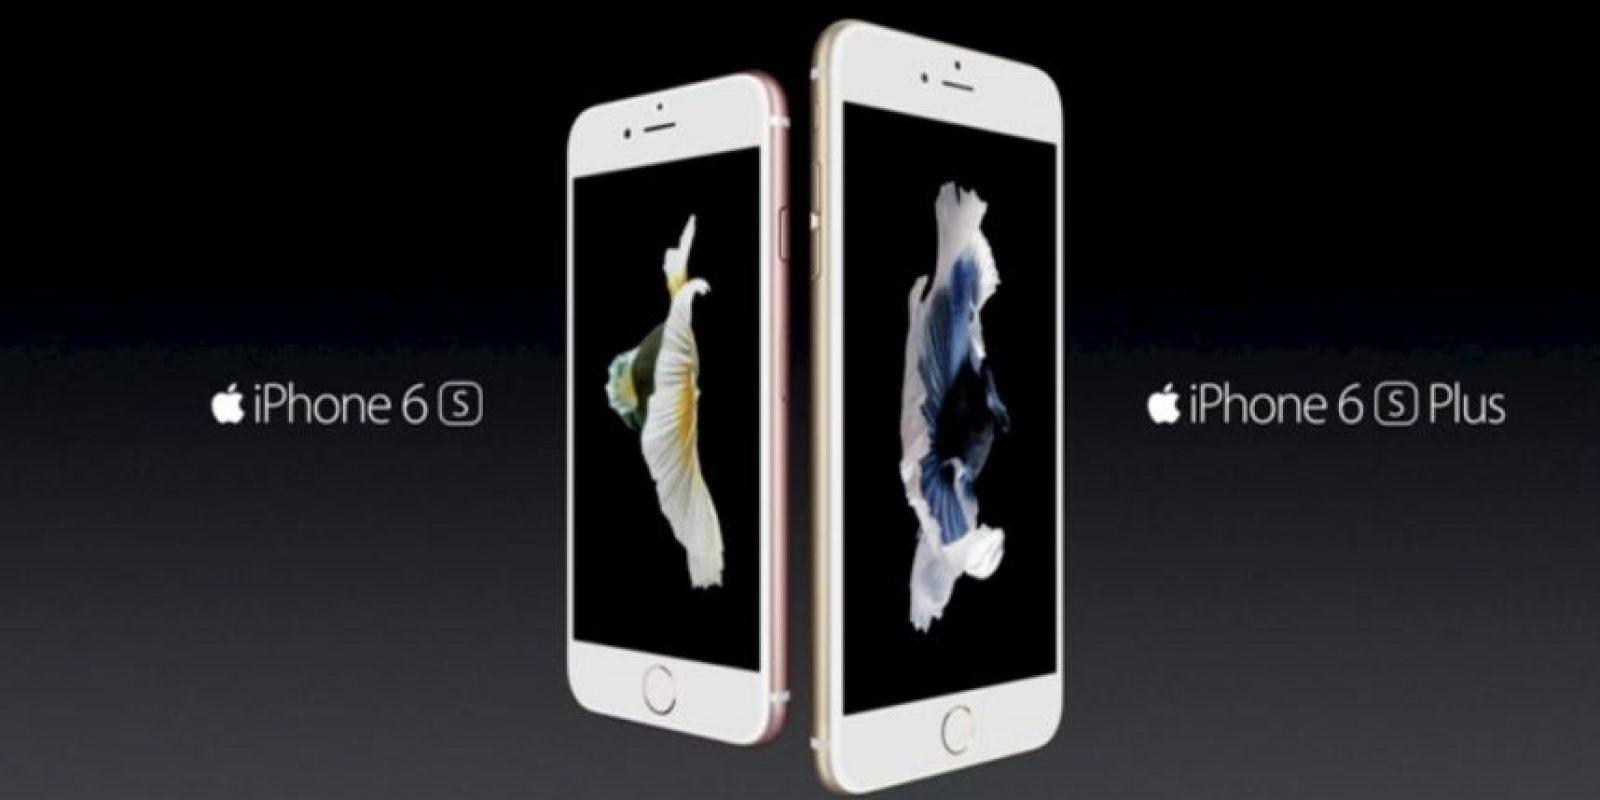 Hay tamaños de 4.7 y 5.5 pulgadas. Foto:Apple